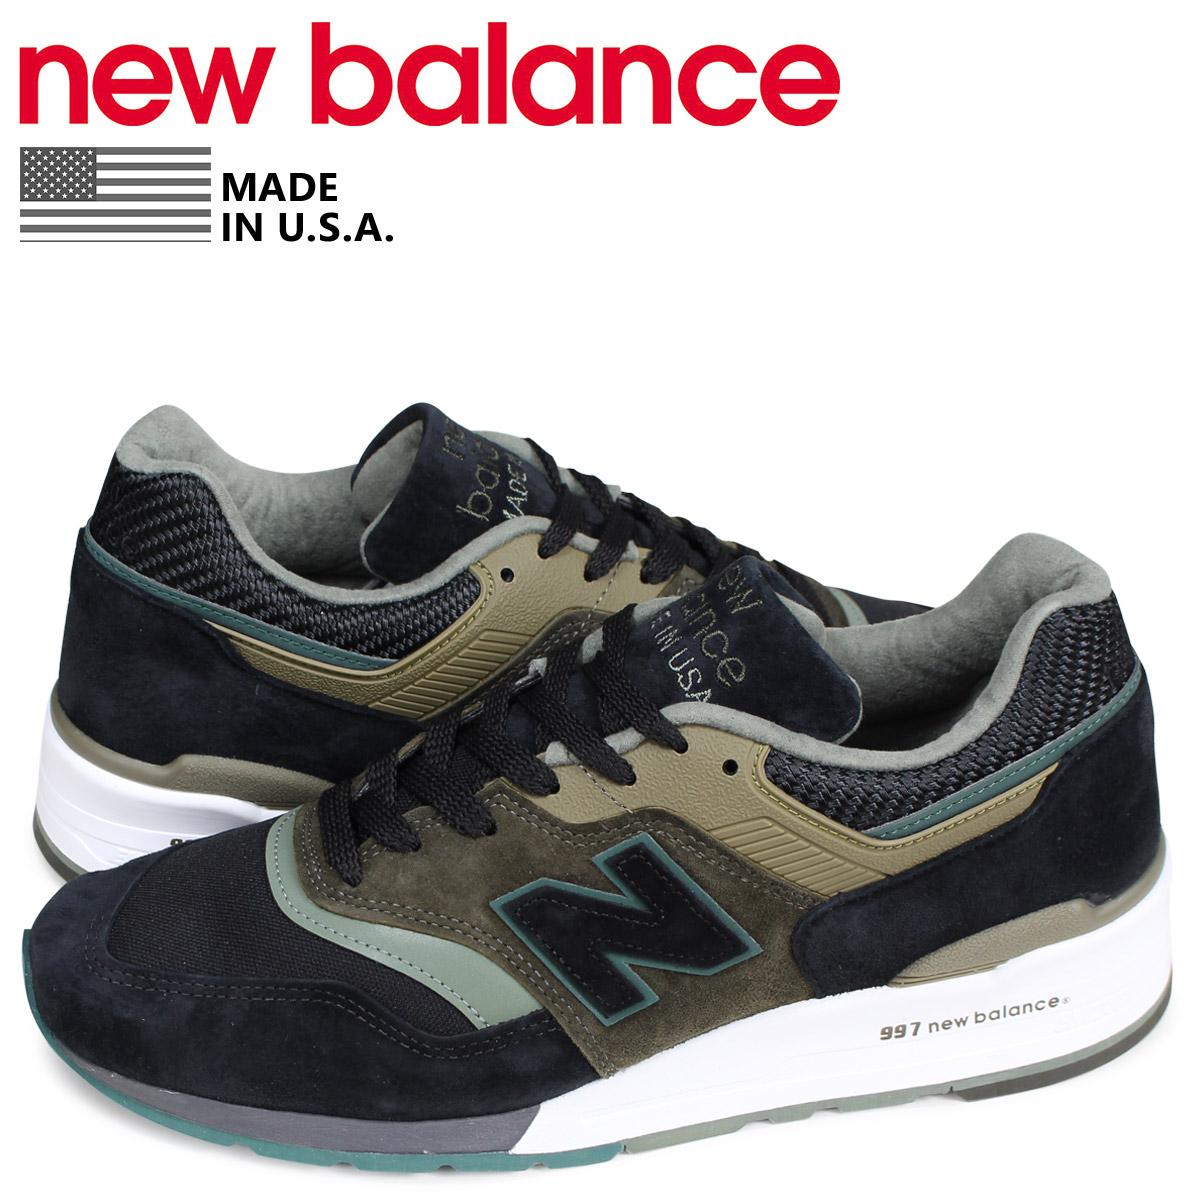 ニューバランス new balance 997 スニーカー メンズ Dワイズ MADE IN USA ブラック 黒 M997PAA